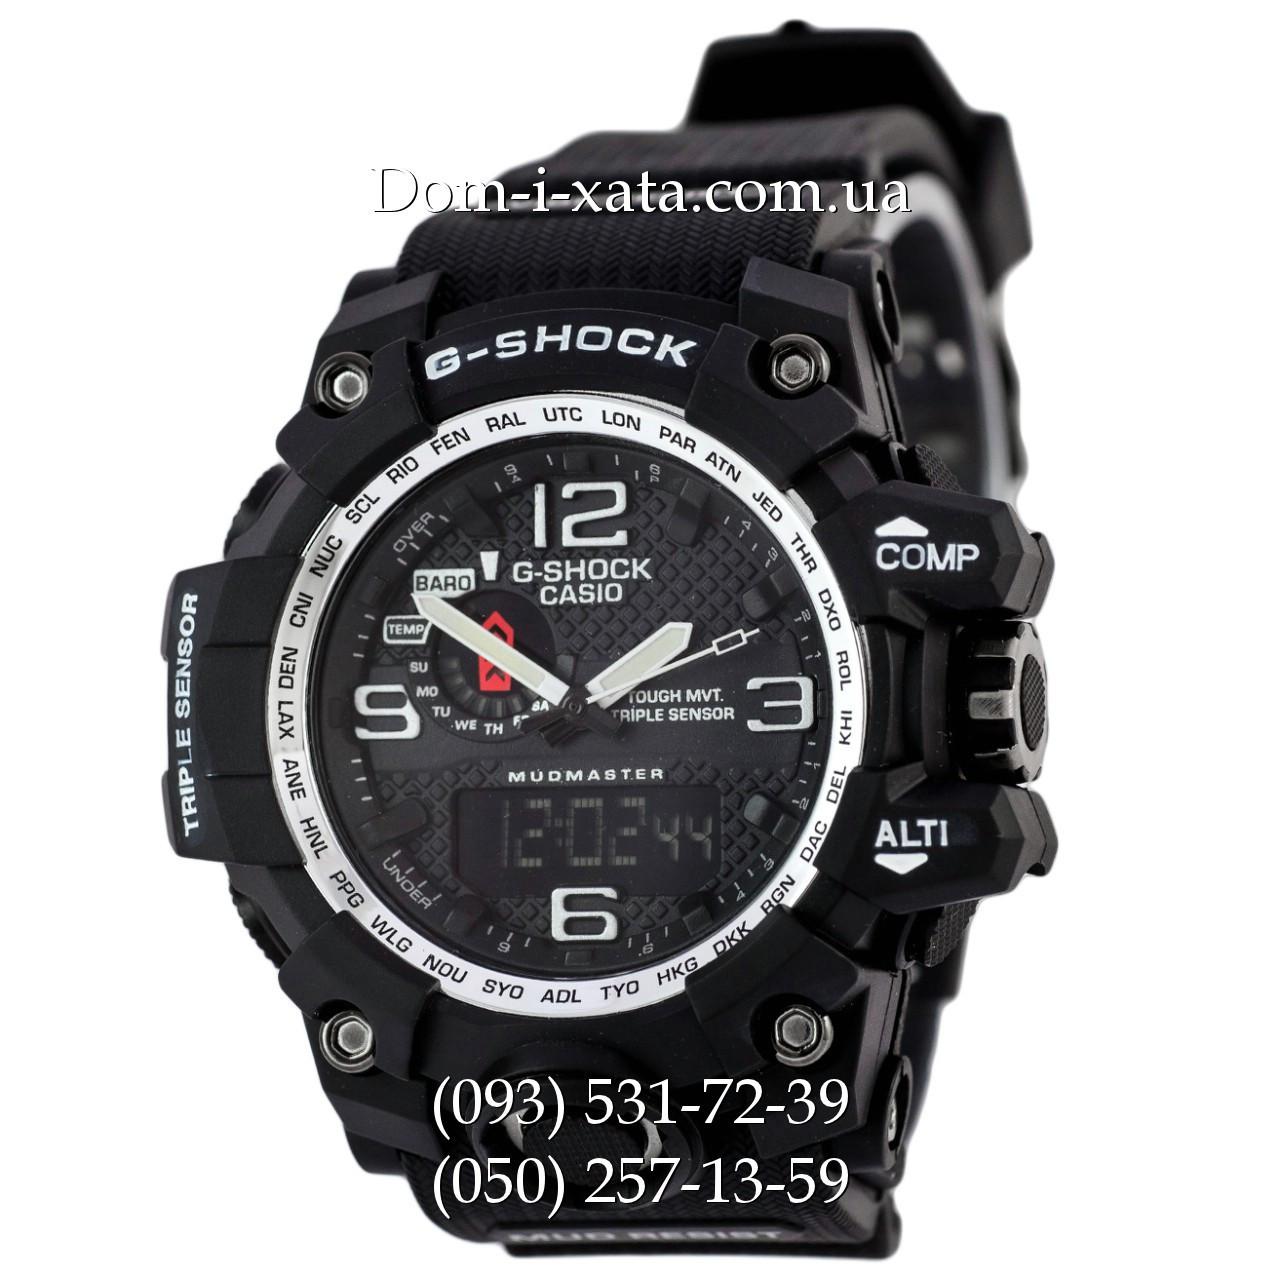 Электронные часы Casio G-Shock GWG 1000 Black/Silver, спортивные часы Джи Шок черные, серебристый циферблат, реплика отличное качество